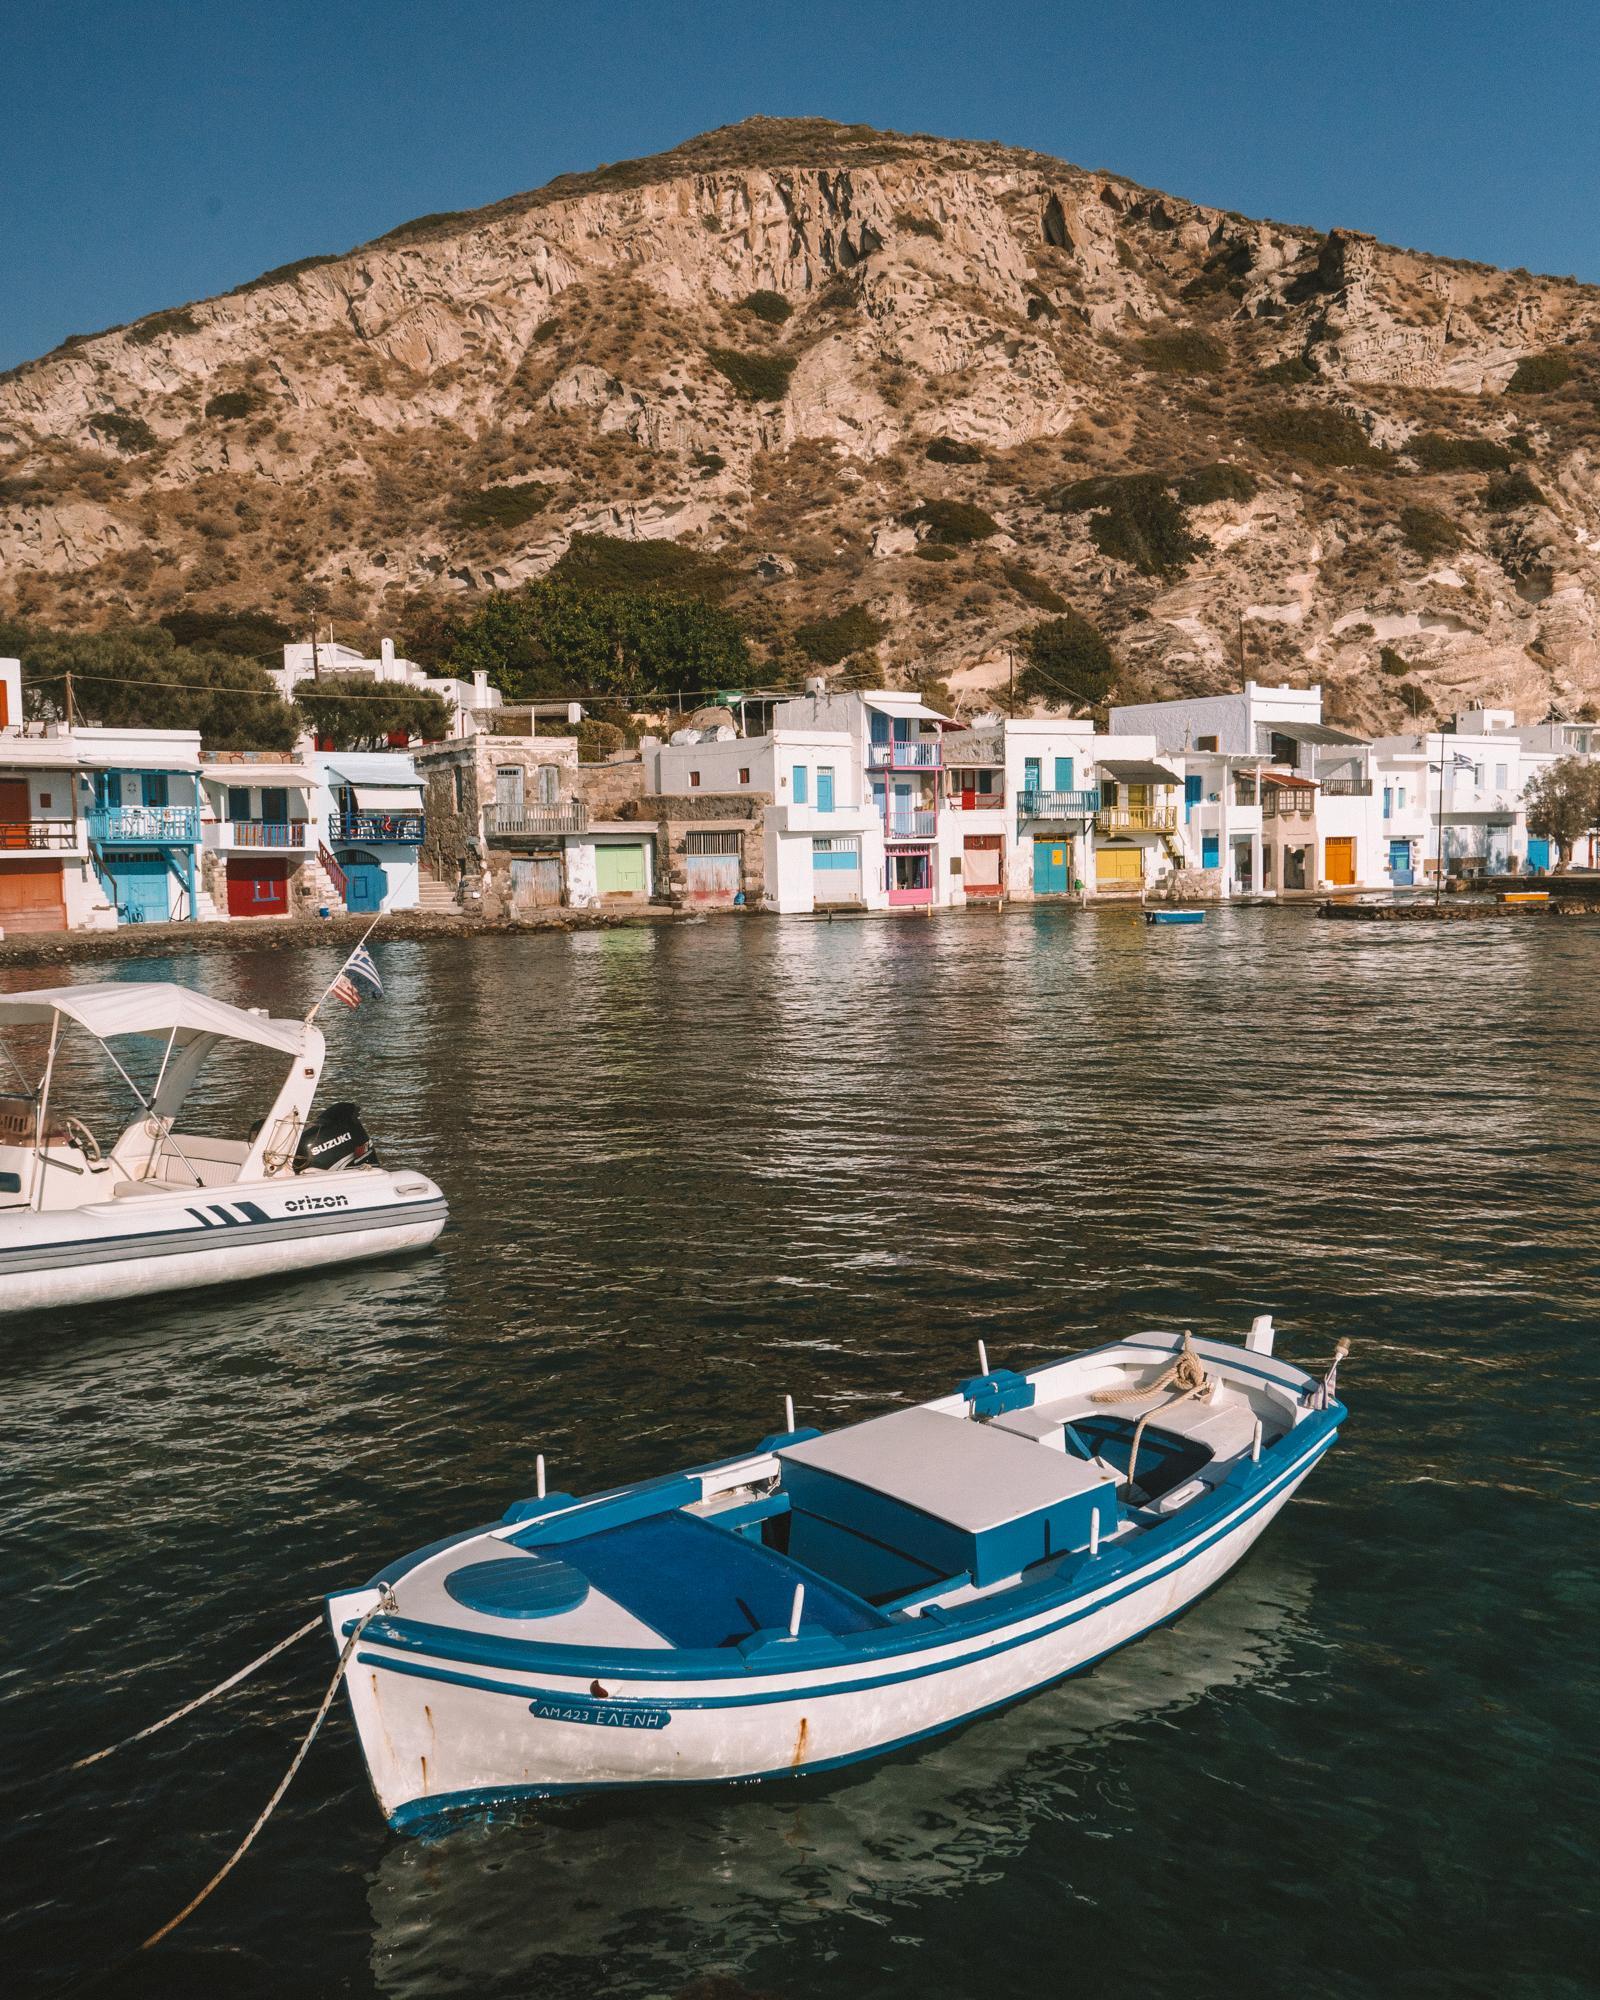 希腊米洛斯的Klima渔村,一艘蓝白相间的渔船漂浮在海面上